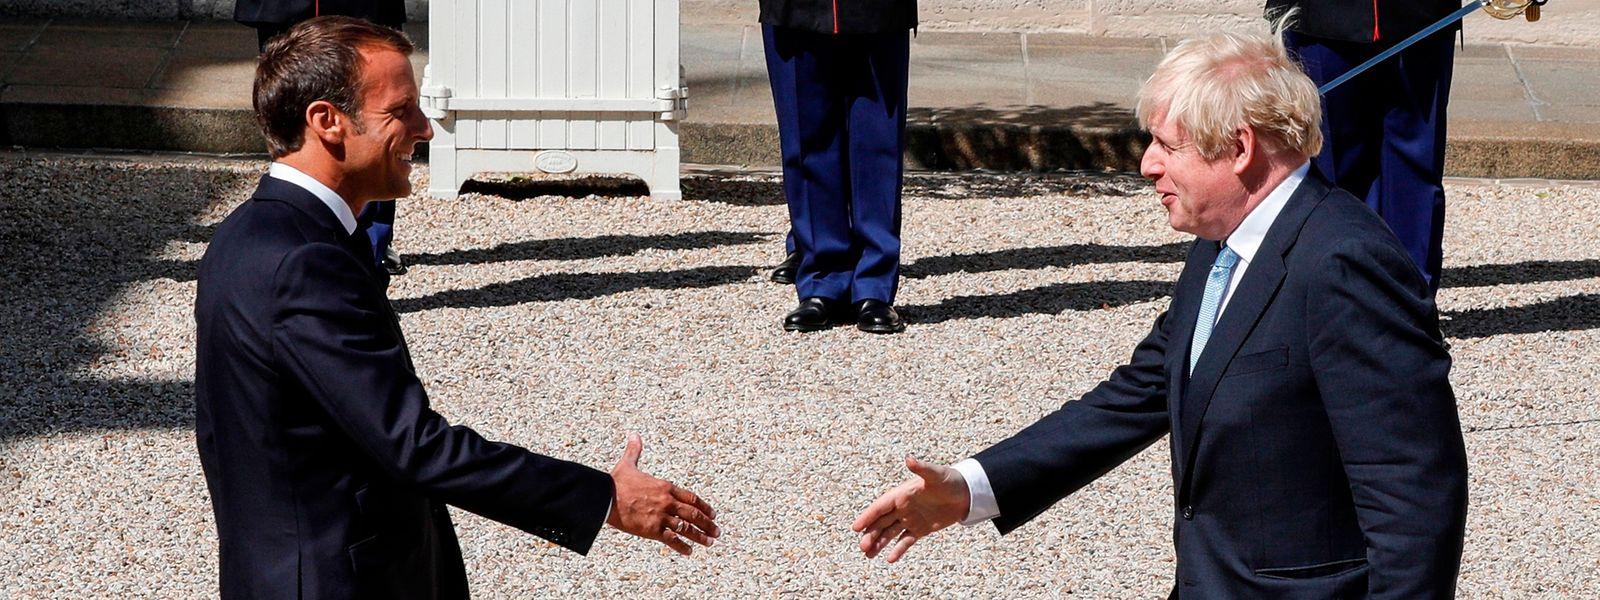 Le Président Emmanuel Macron a reçu ce jeudi le Premier ministre britannique Boris Johnson au palais de l'Elysée.